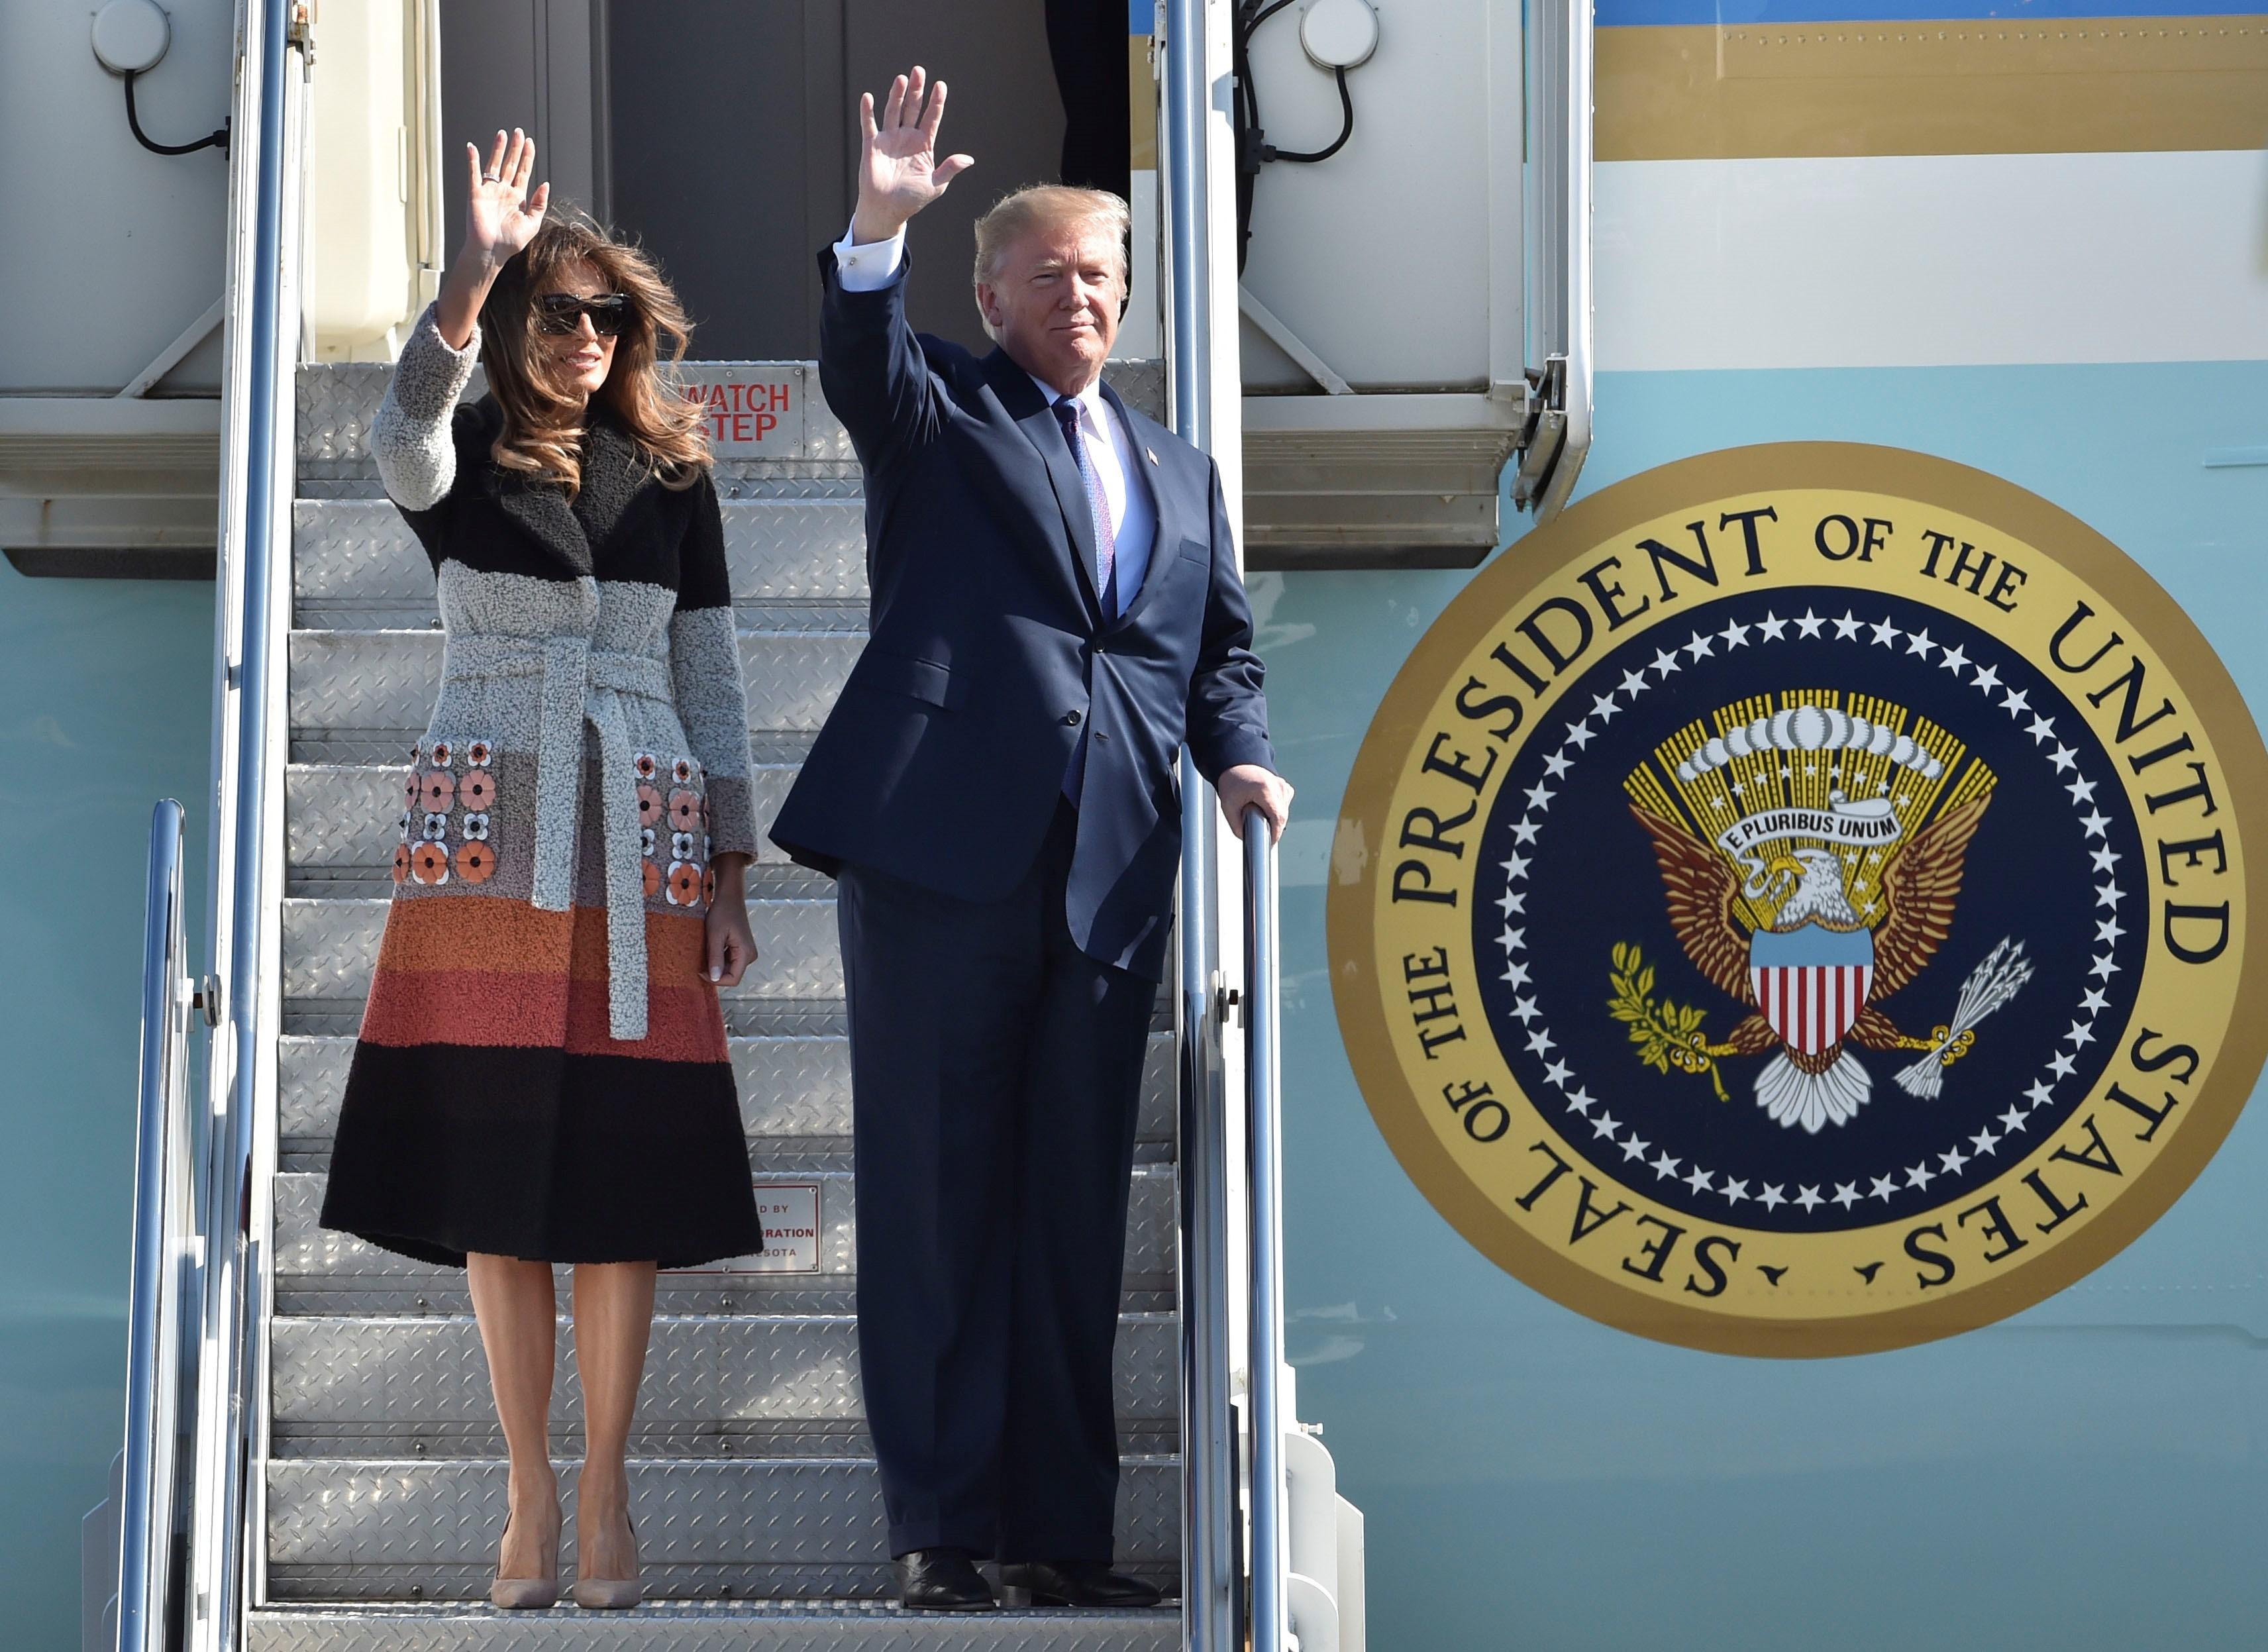 FOTO | Donald Trump a ajuns în Japonia, în cadrul turneului din Asia, cel mai lung efectuat de către un preşedinte american în ultimii 25 de ani /  Liderul SUA s-a întâlnit cu premierul Shinzo Abe